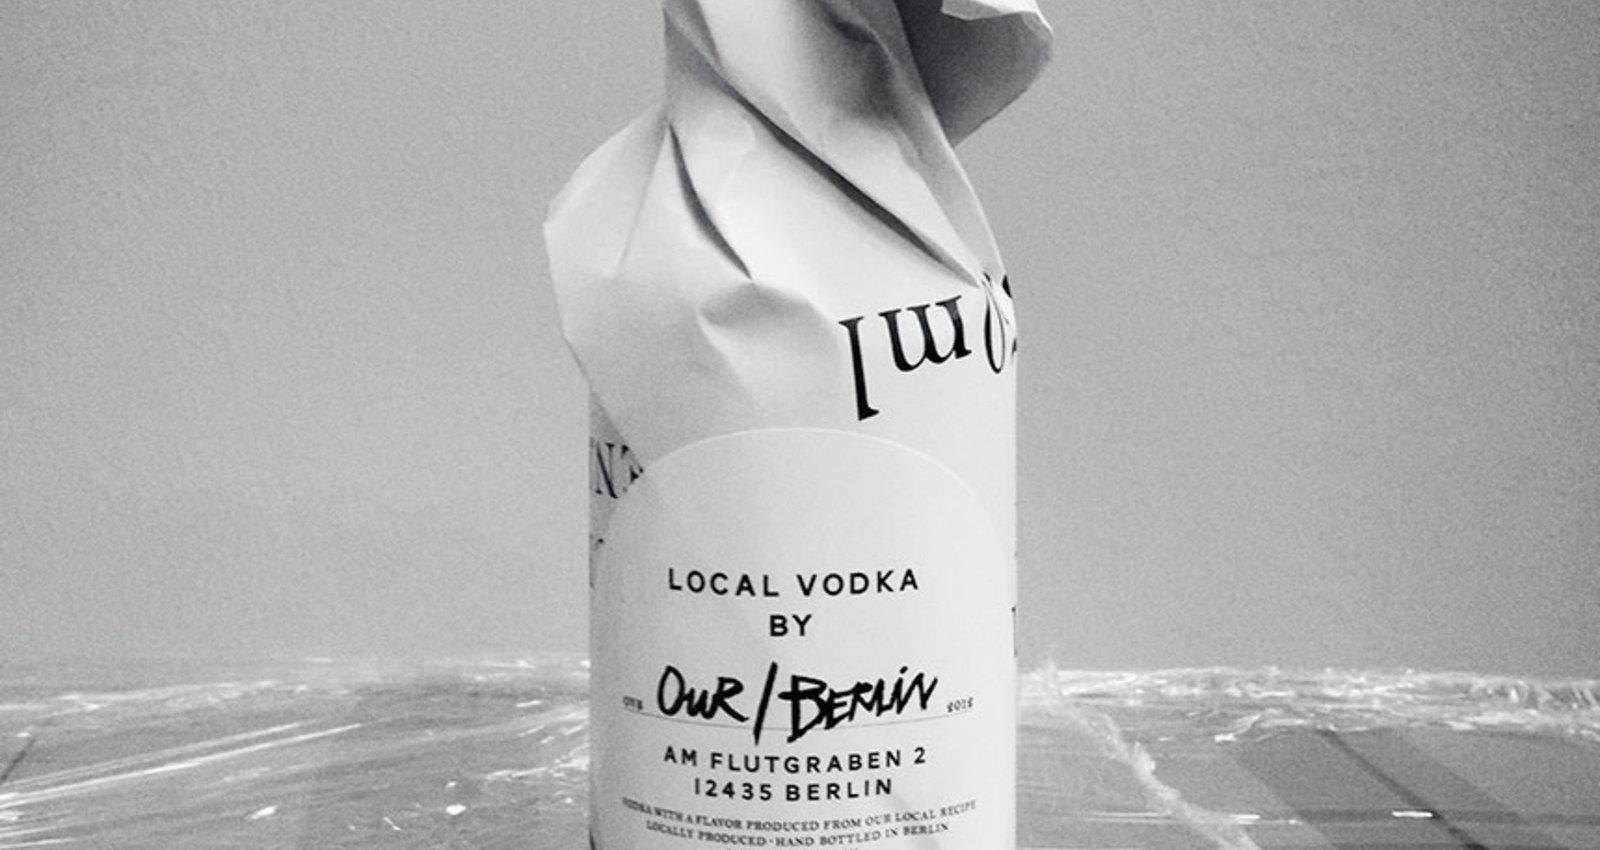 Our/Vodka